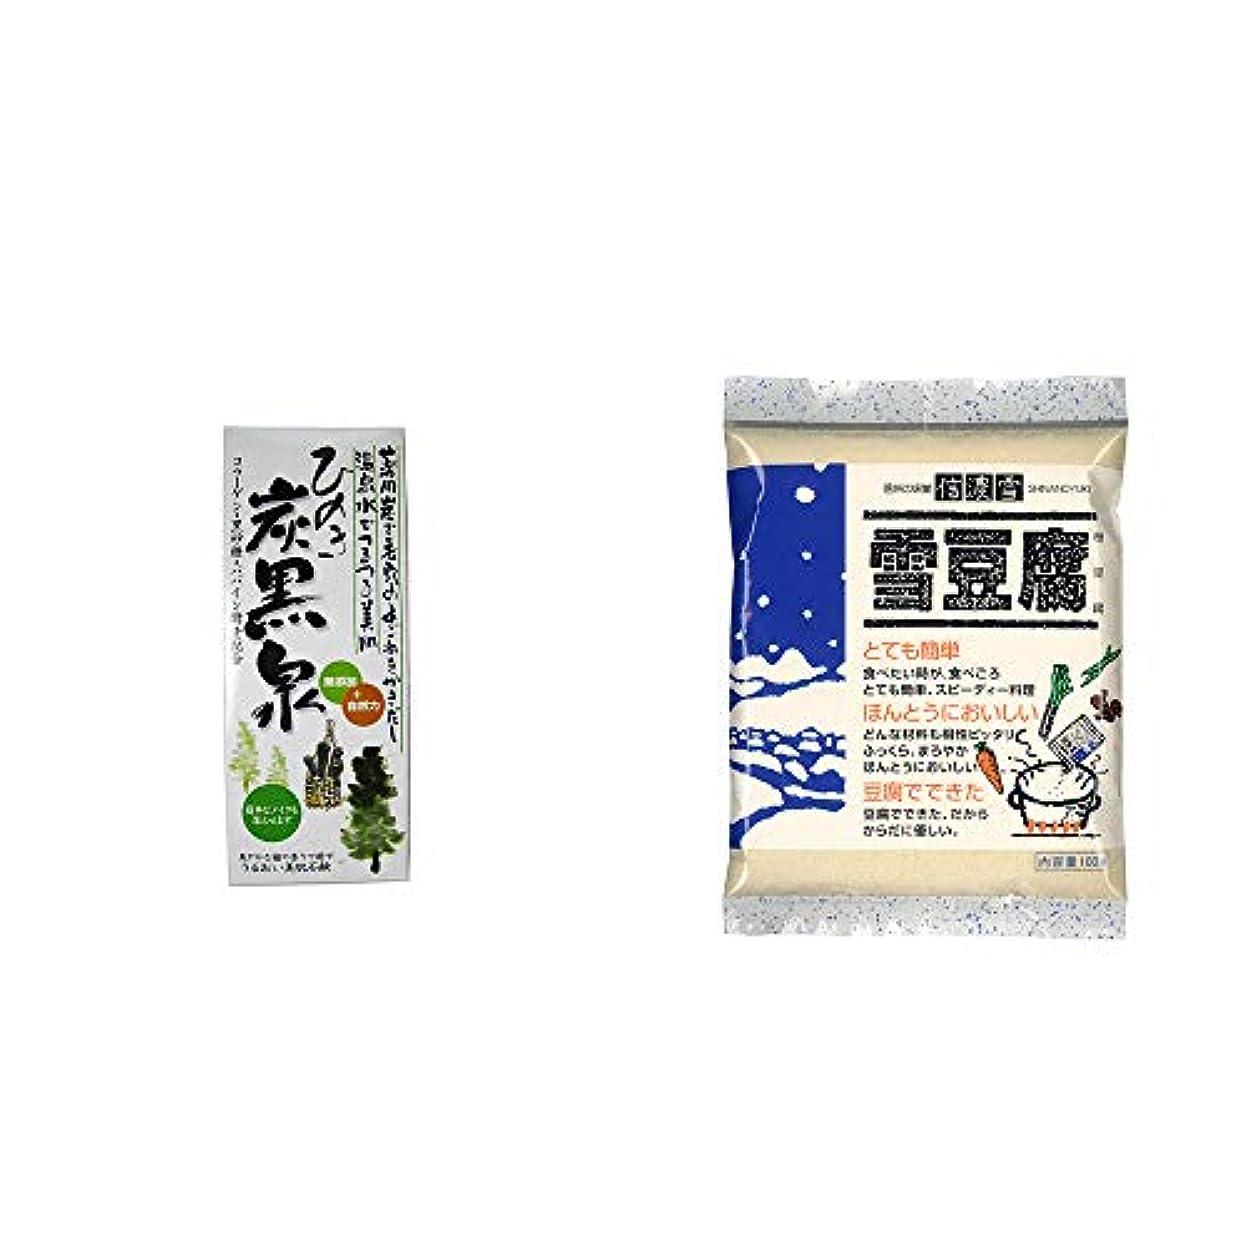 存在病弱韓国語[2点セット] ひのき炭黒泉 箱入り(75g×3)?信濃雪 雪豆腐(粉豆腐)(100g)